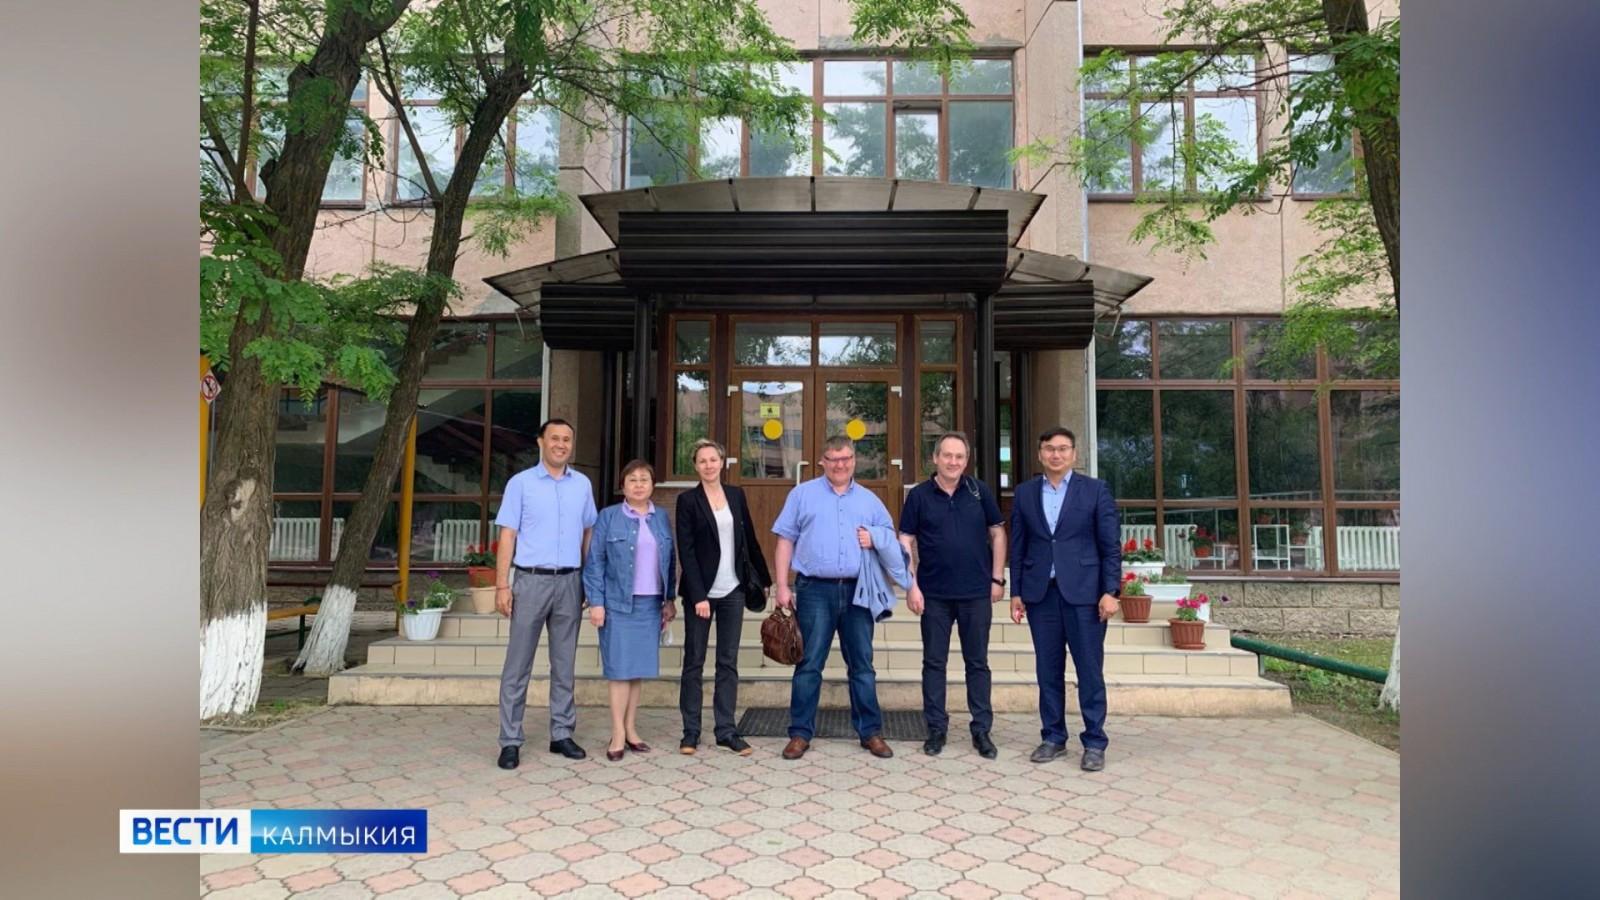 Уже осенью на базе КалмГУ откроется направление подготовки будущих IT-специалистов